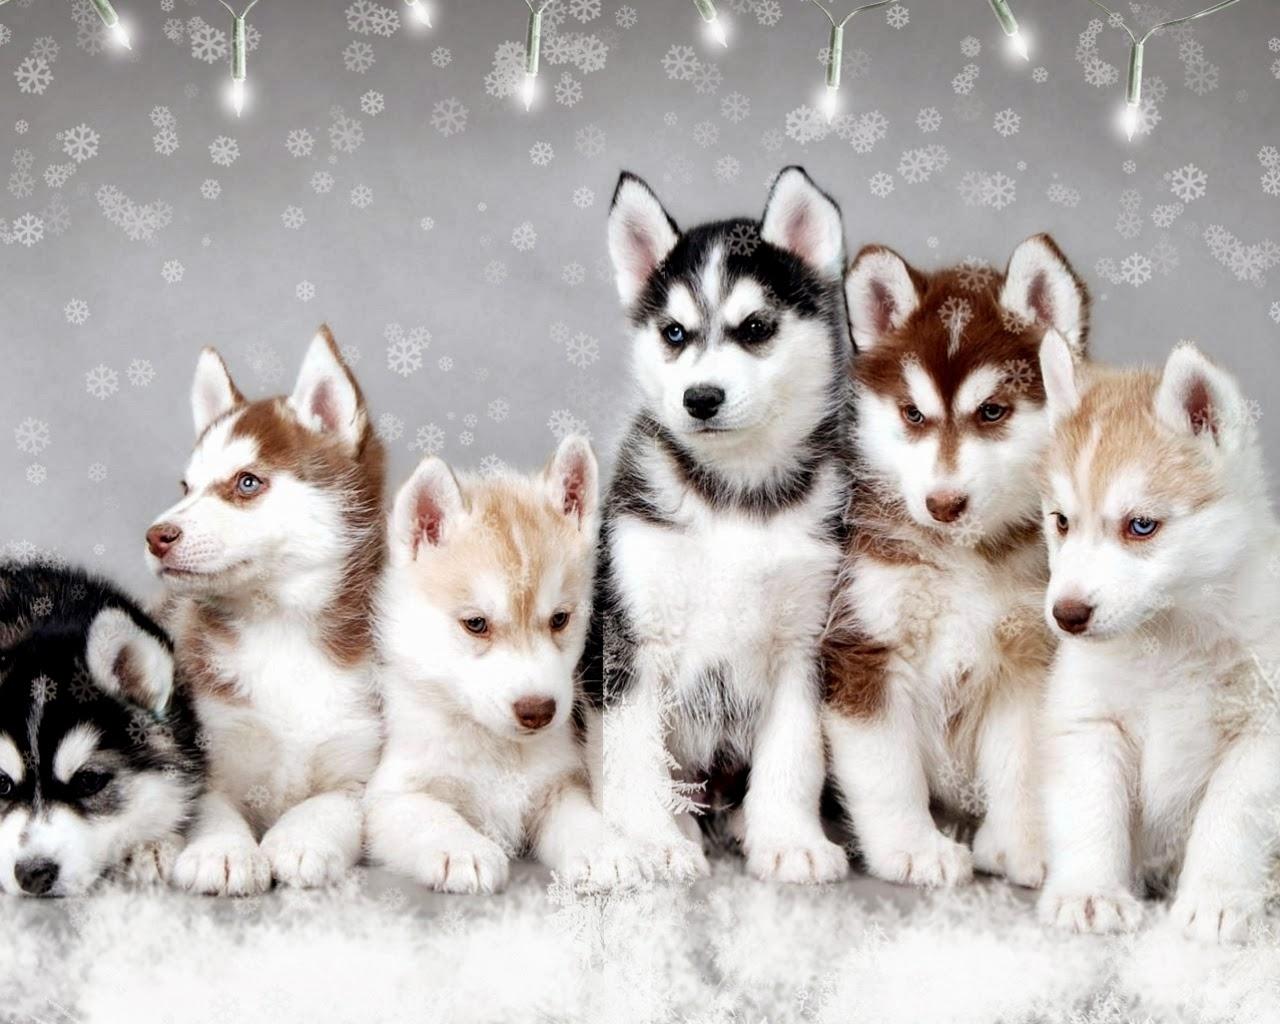 اسعار الكلاب 2019 لجميع الأنواع husky-snow-dogs-free-from-zet_69383665.jpg